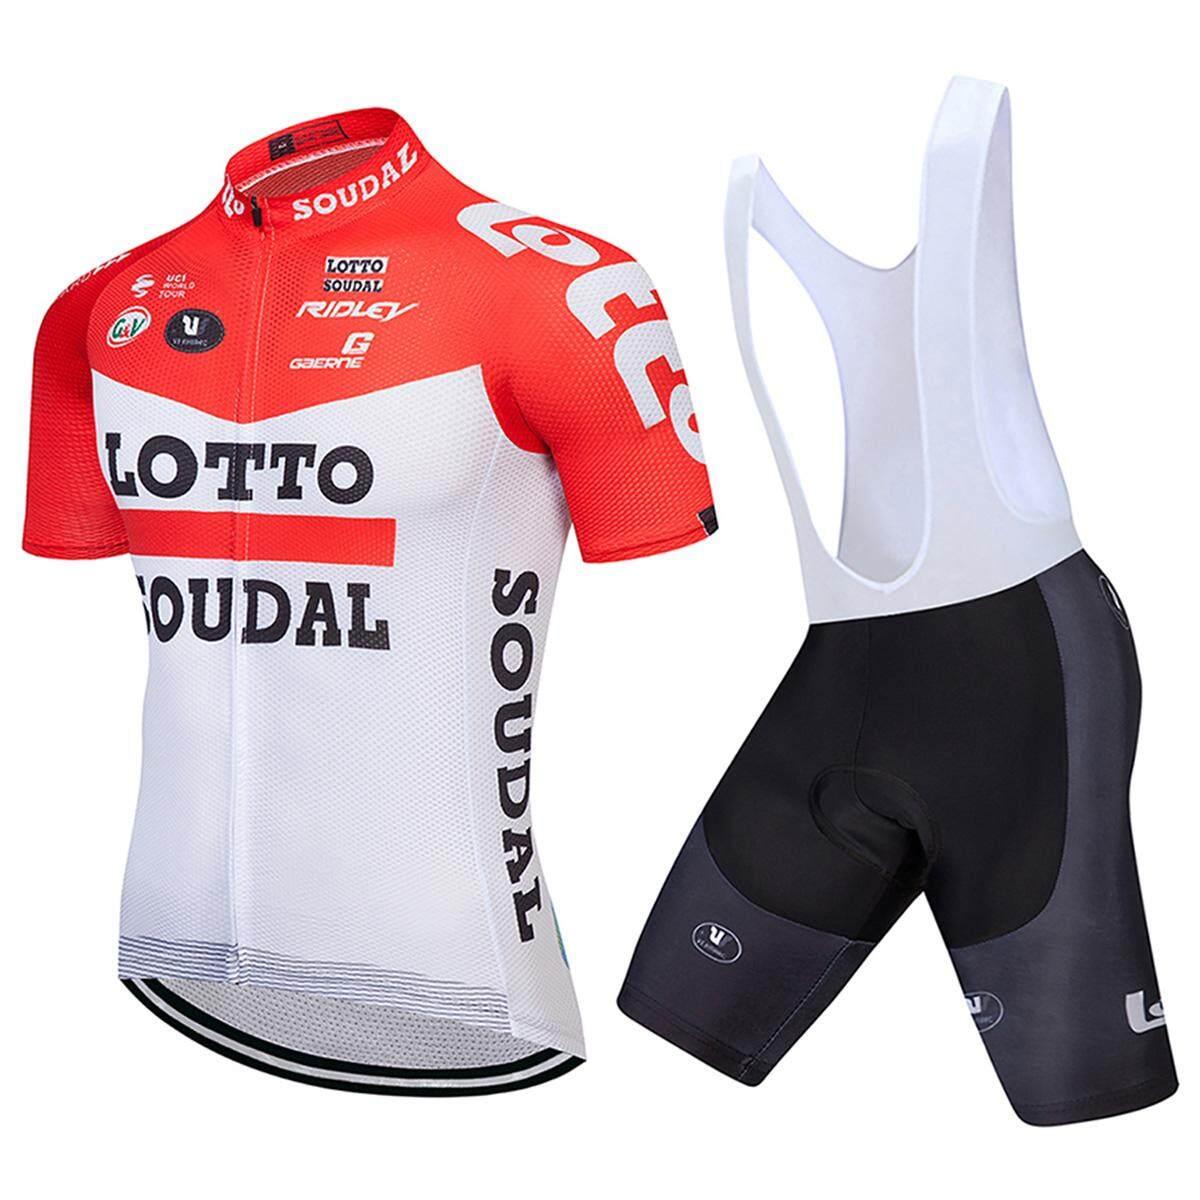 2018 Lotto Baru Lengan Pendek Bersepeda Jersey Tim PRO Pria Bib Set Pendek Him Kering Bersepeda Pakaian Sepeda Pakaian 9D gel Alas-Internasional